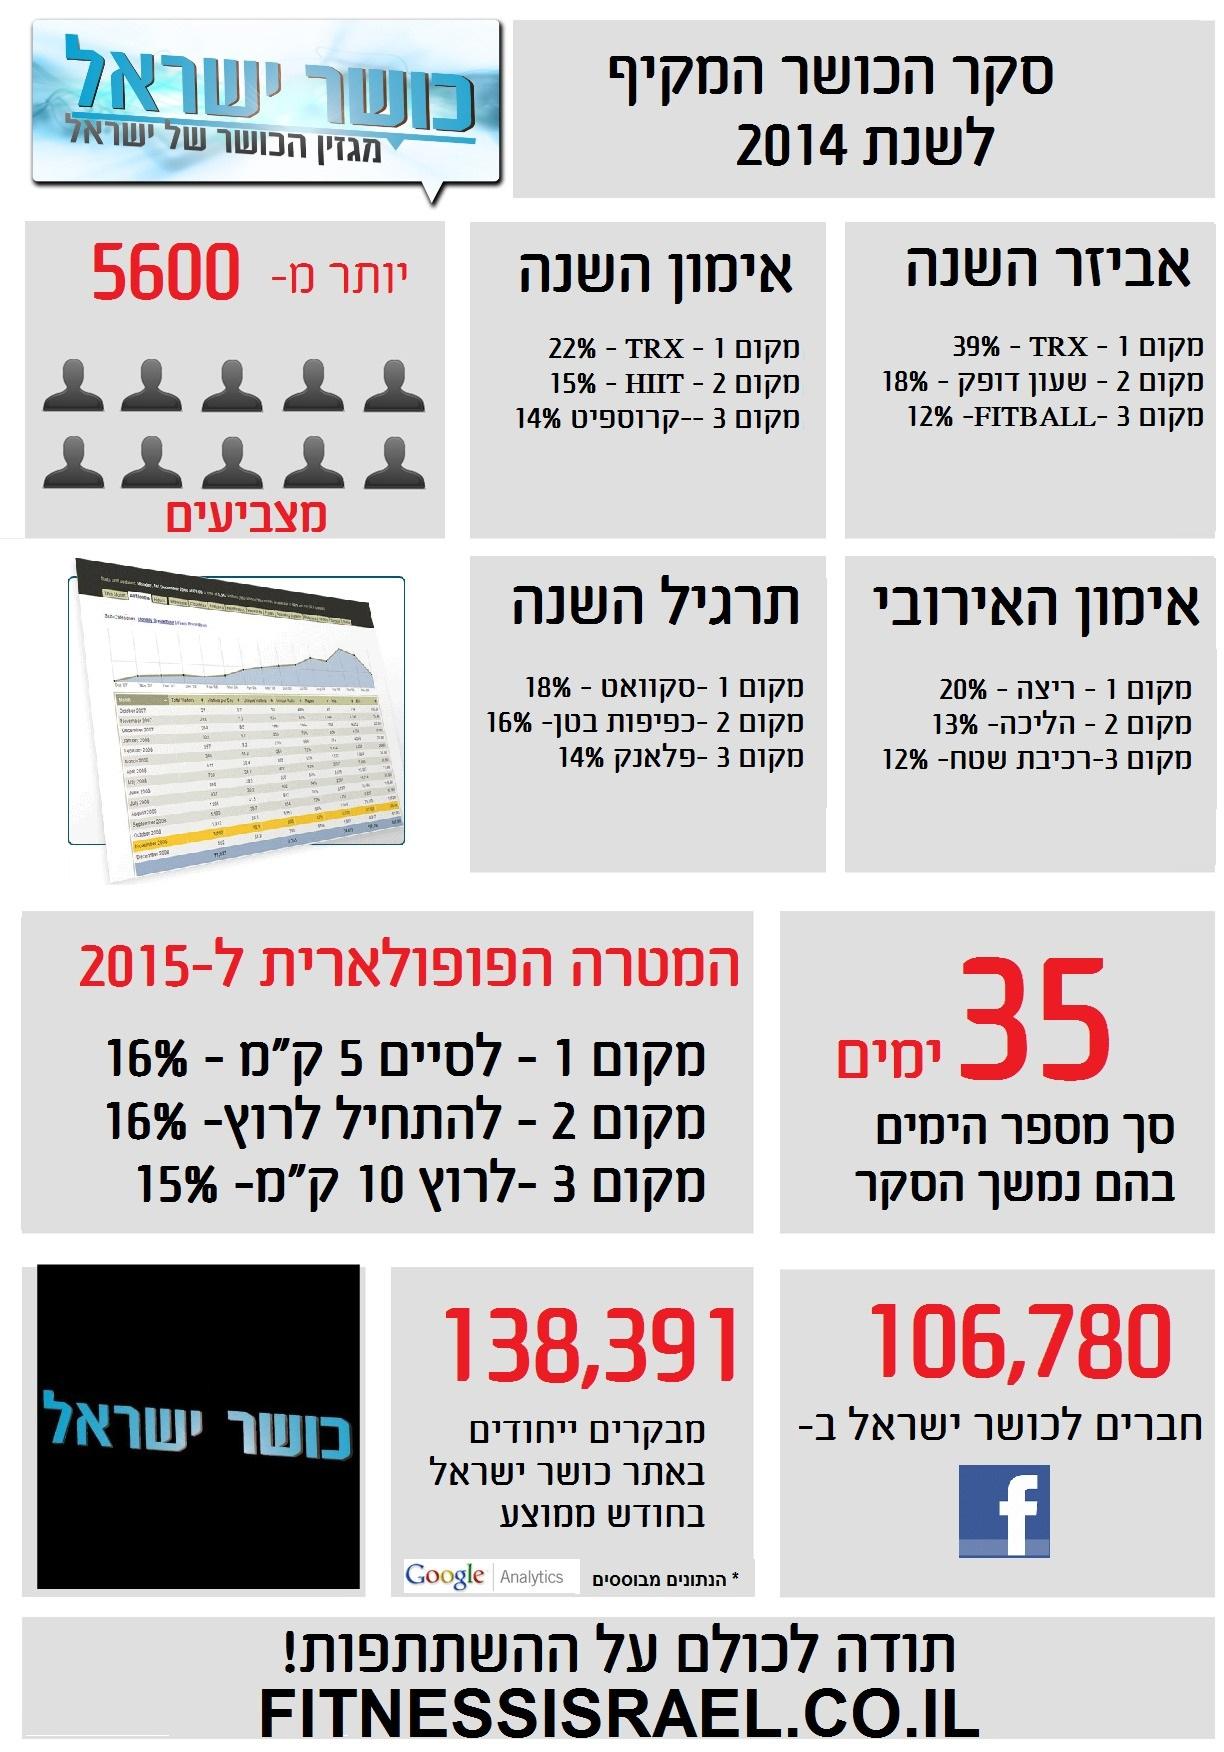 סקר כושר ישראל לשנת 2014